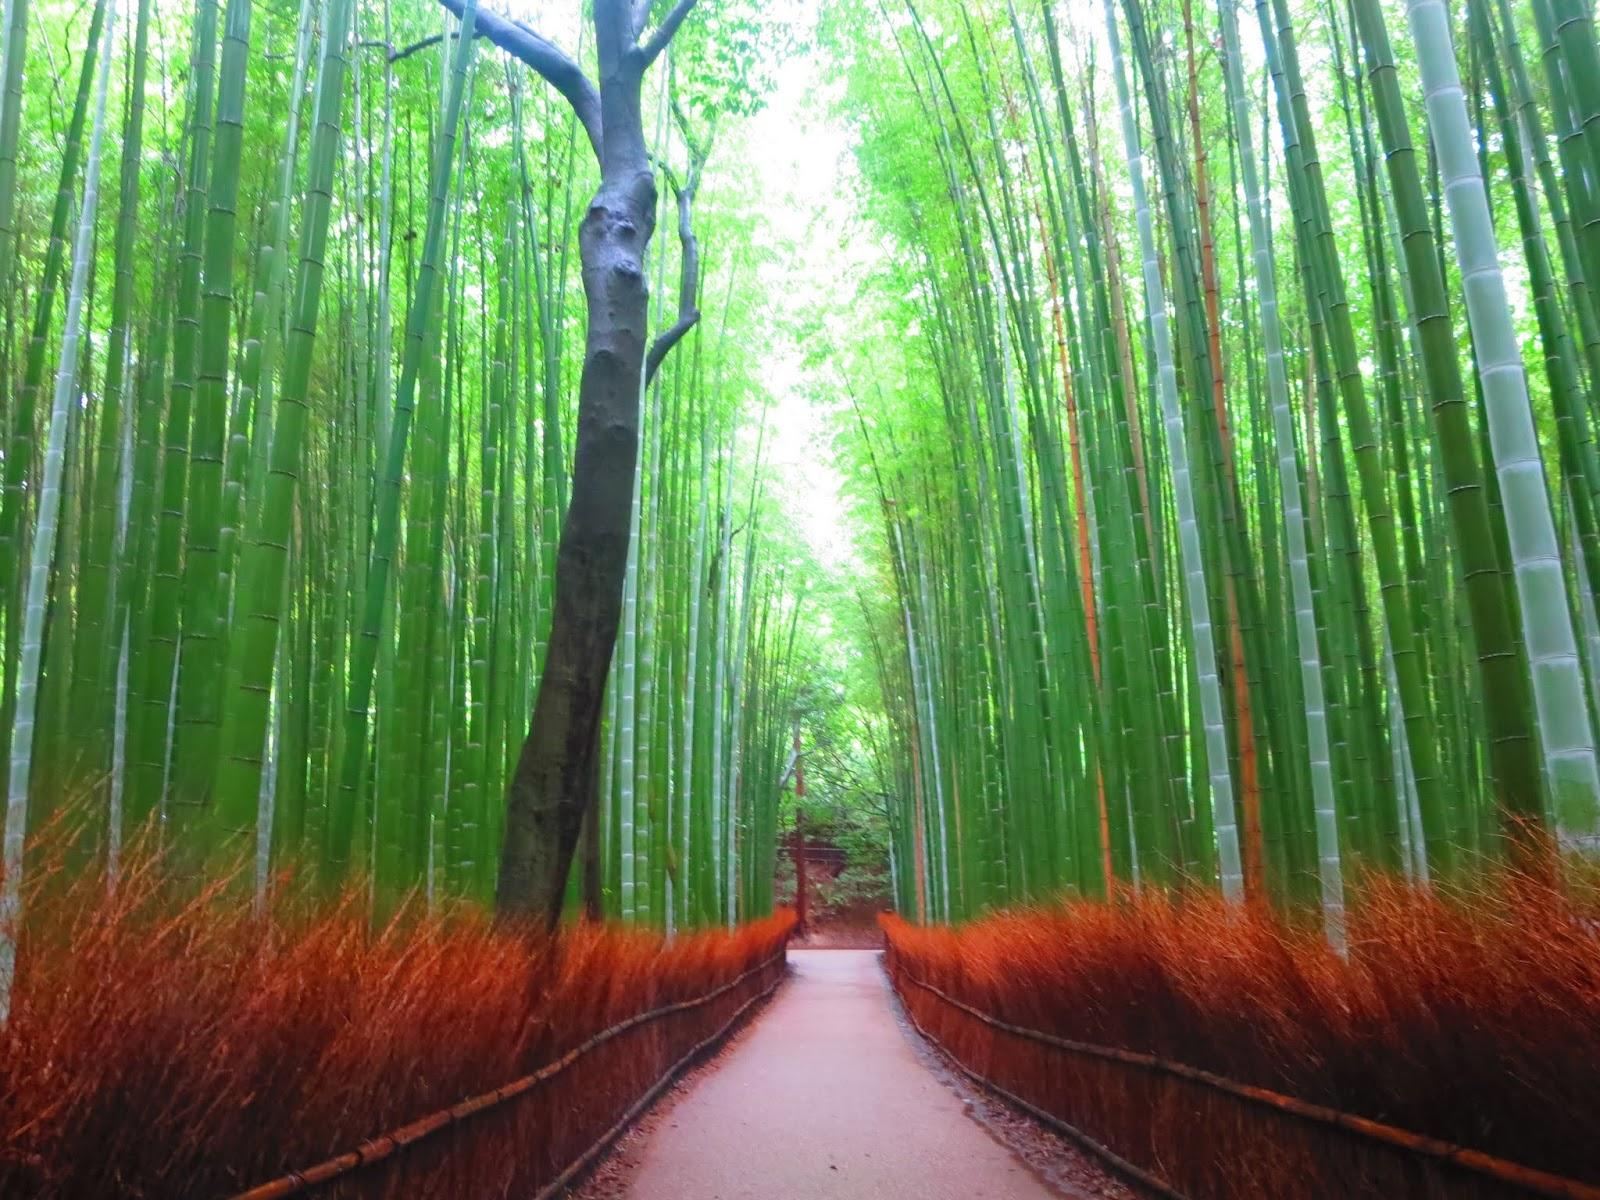 Bosco Di Bamb.Giappone 2015 Il Bosco Incantato Di Bambu